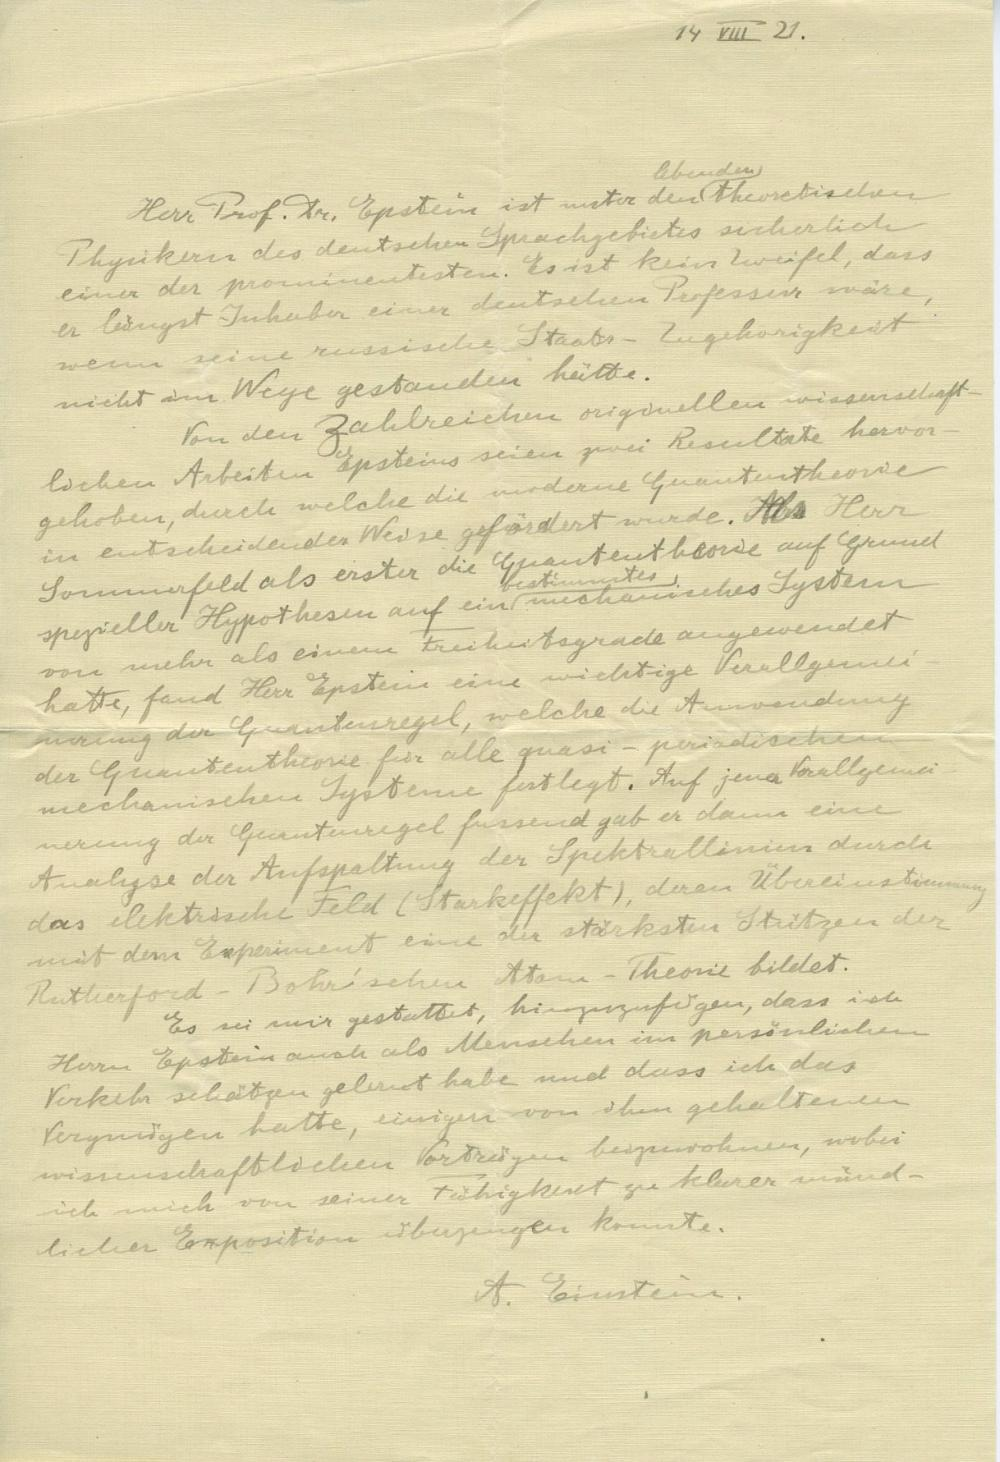 Albert Einstein Scientific ALS Re: Theory of Relativity, Atomic and Hydrogen Bombs